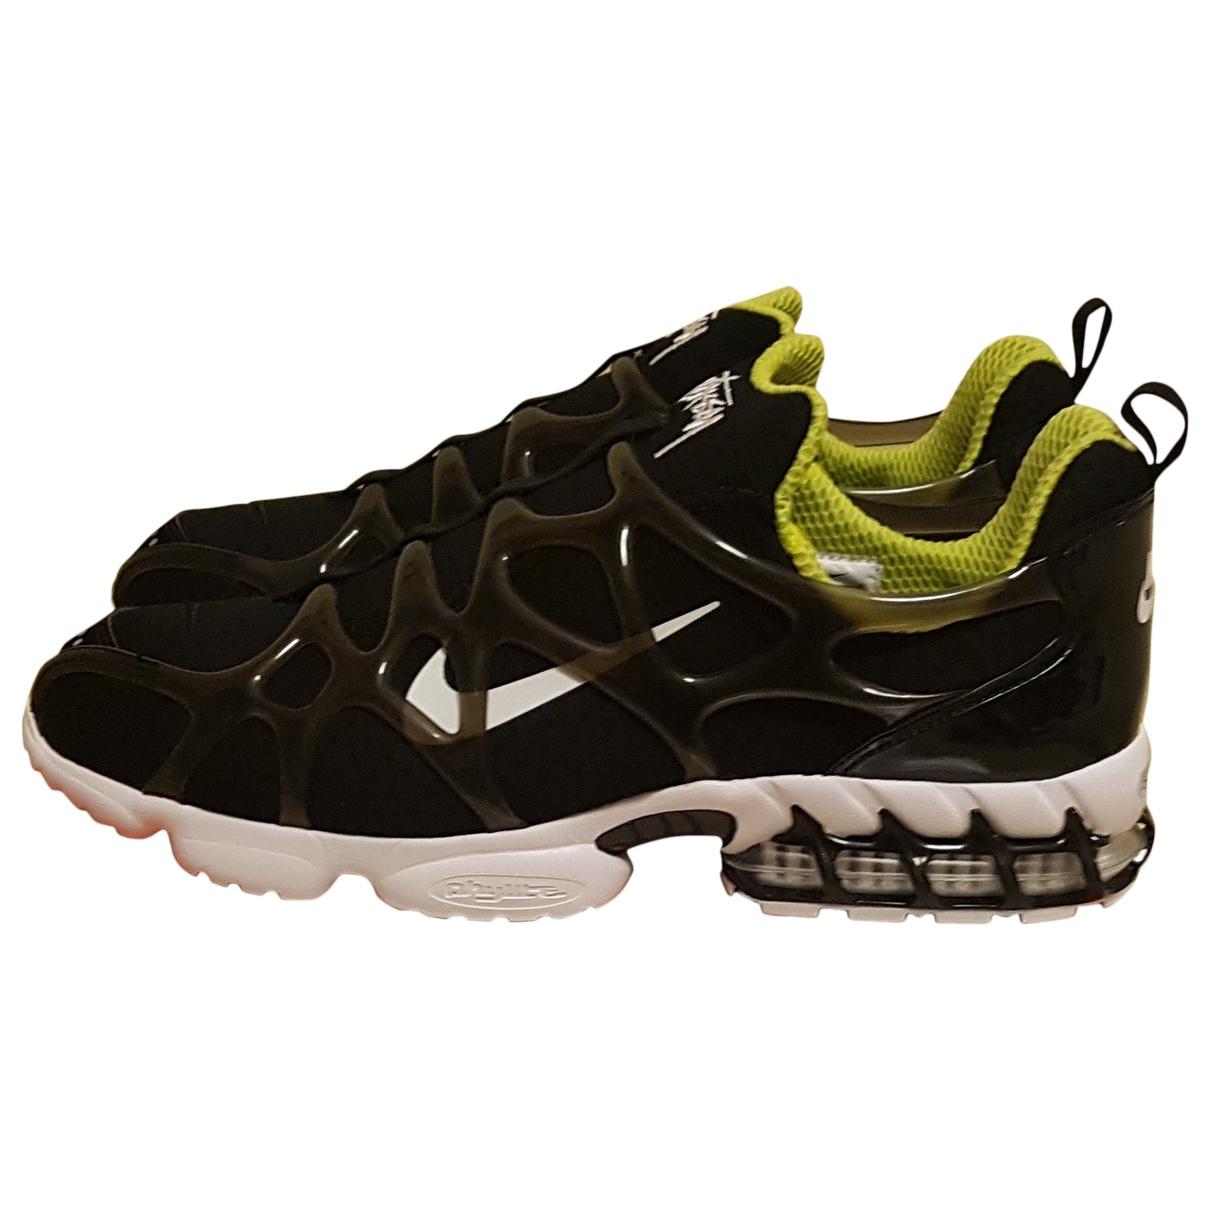 Nike X Stussy - Baskets   pour homme en toile - noir